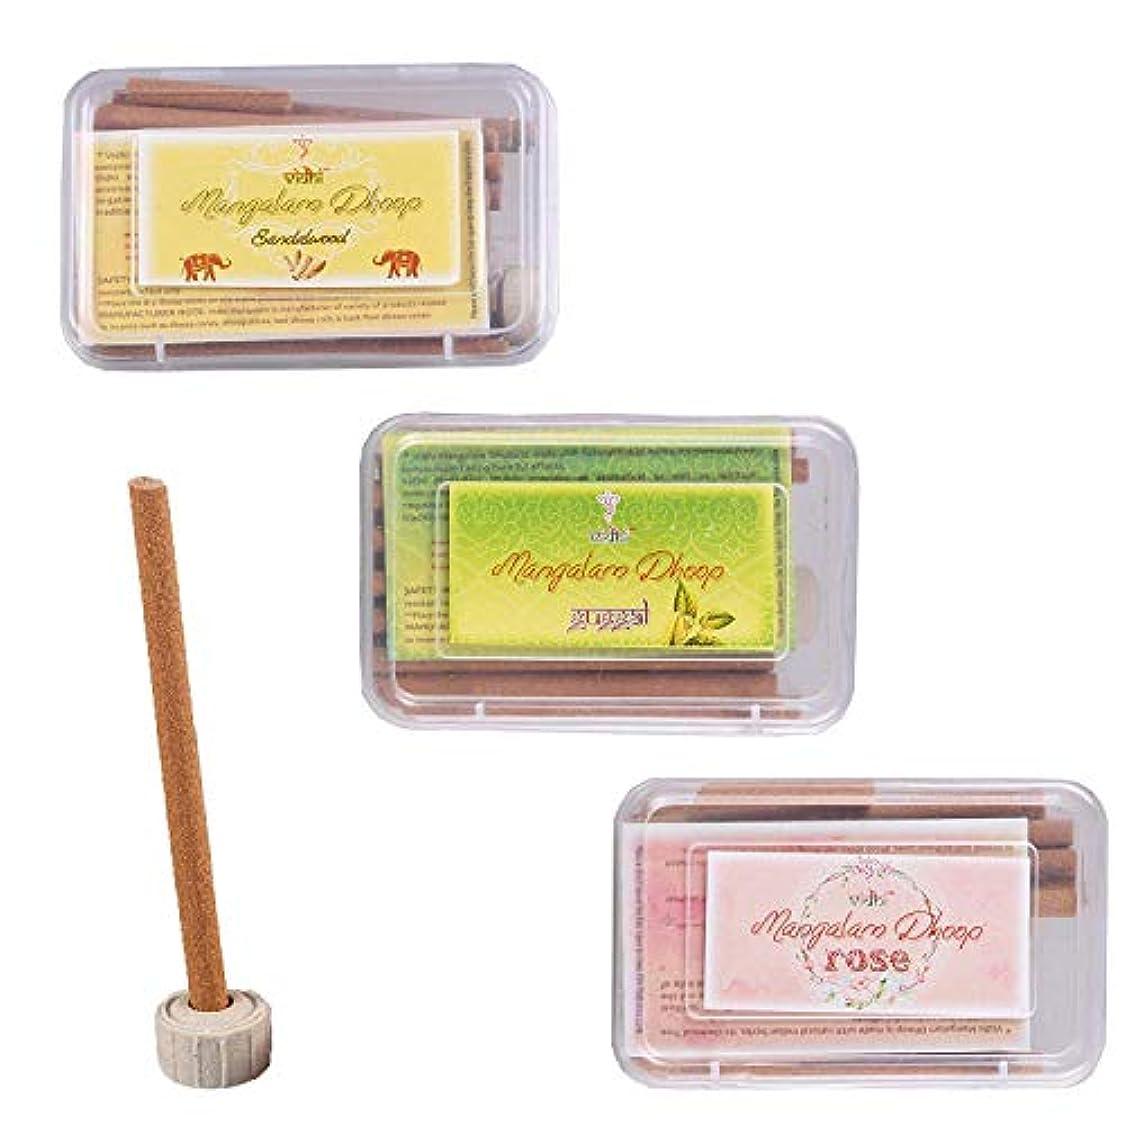 乱用暴君サンダースVidhi Mangalam Dhoop Sticks Pack/Boxes (Guggal, Rose and Sandalwood) - Pack of 120 Dhoop Sticks (Natural Dhoop...